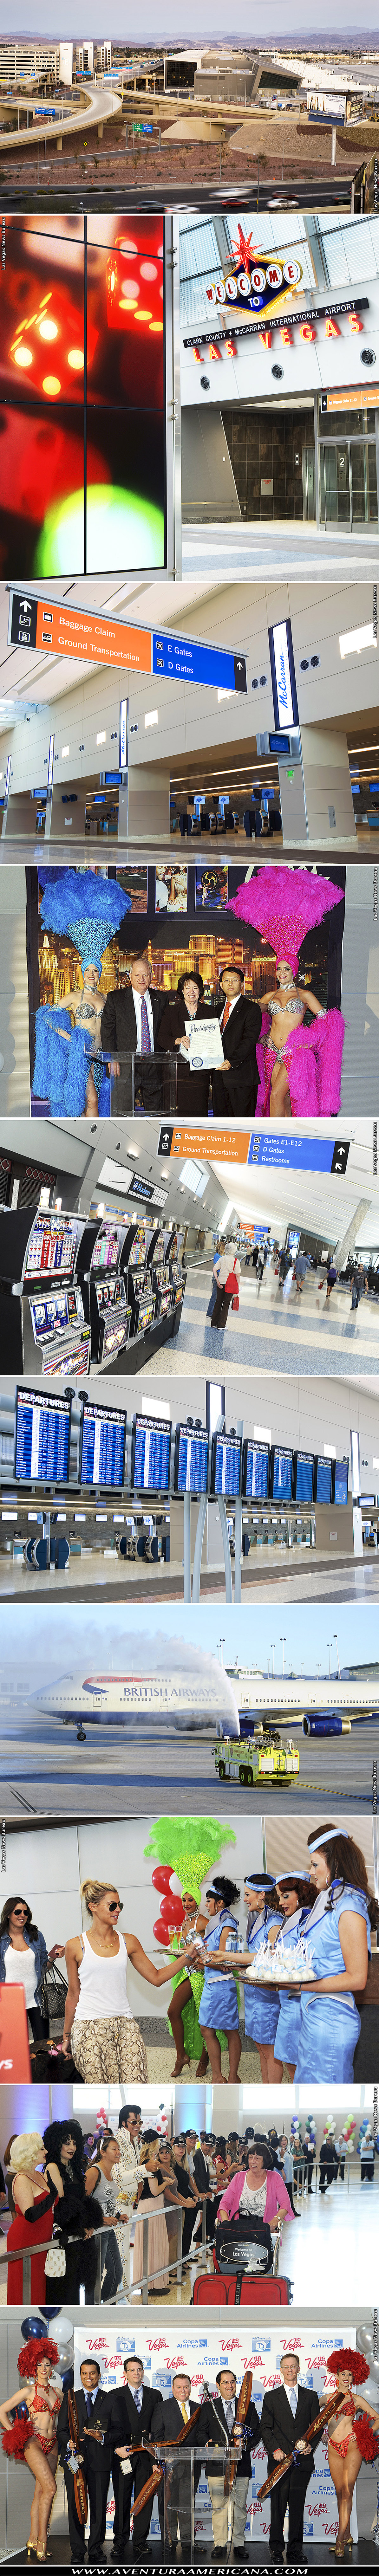 Aeropuerto-Vegas-